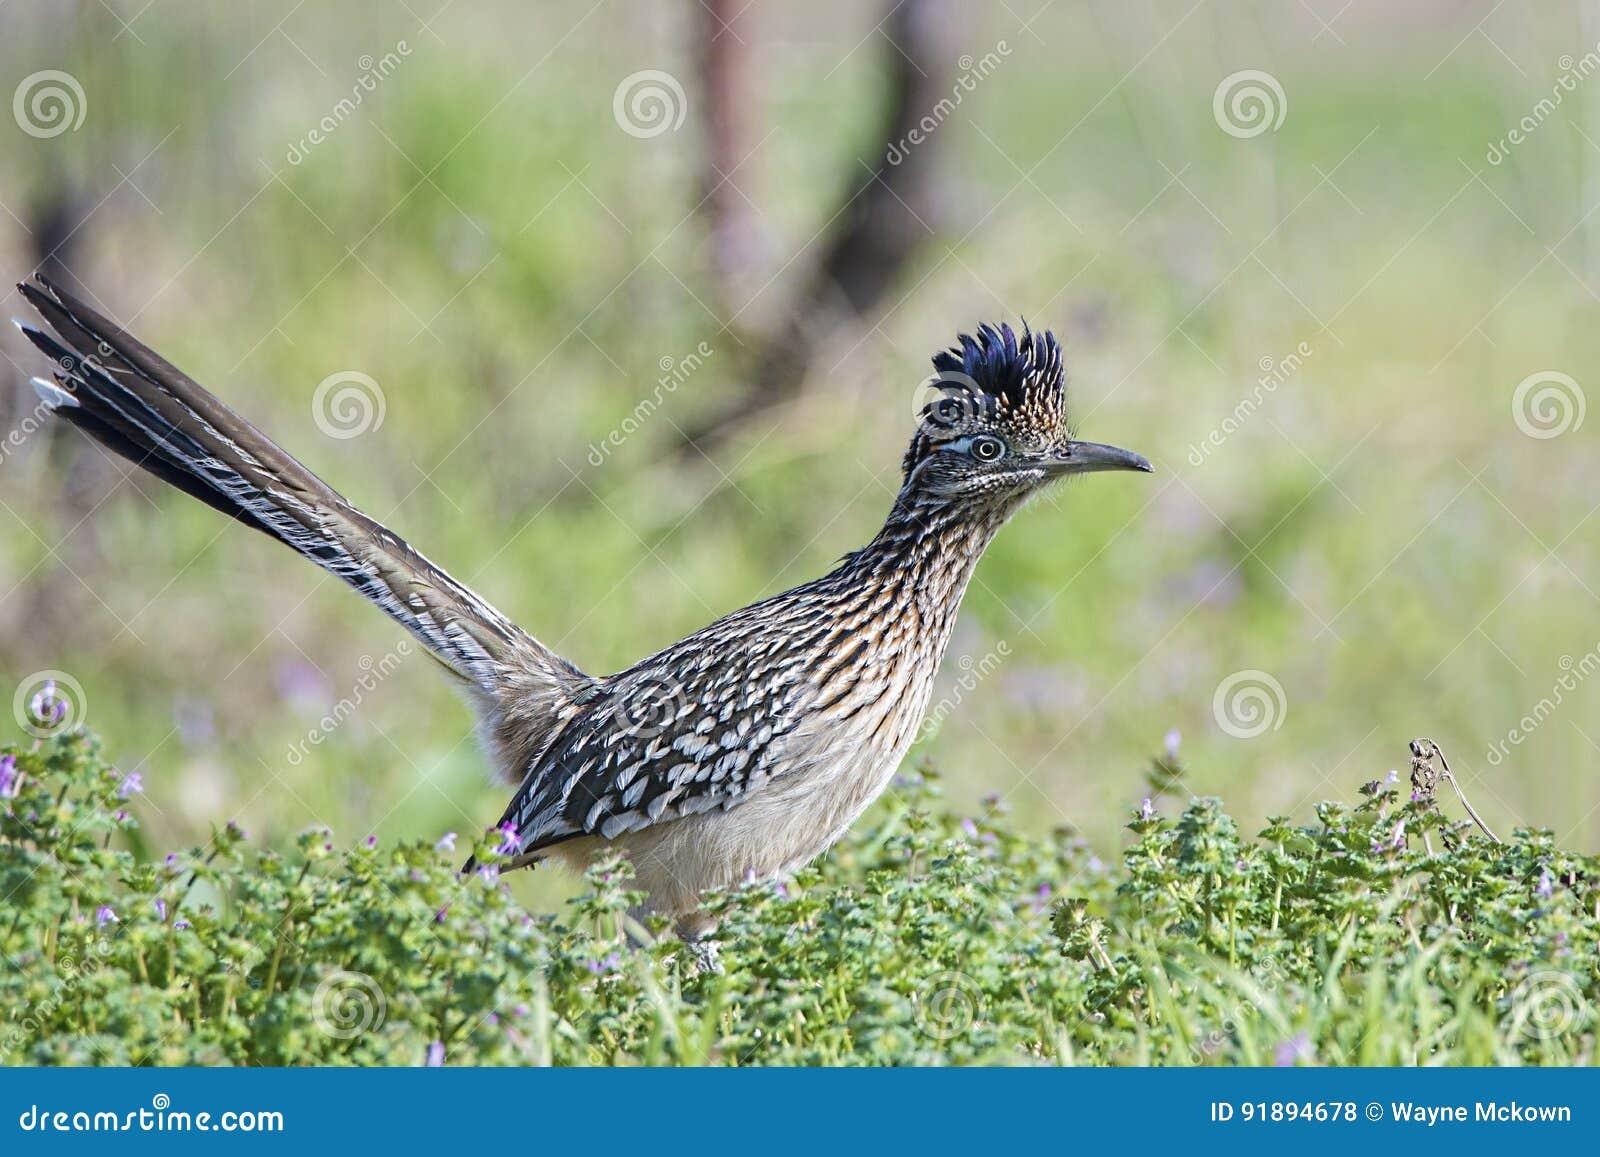 Roadrunner ptasi łowiecki jedzenie w trawiastym polu, belfer, piórka, skrzydło,